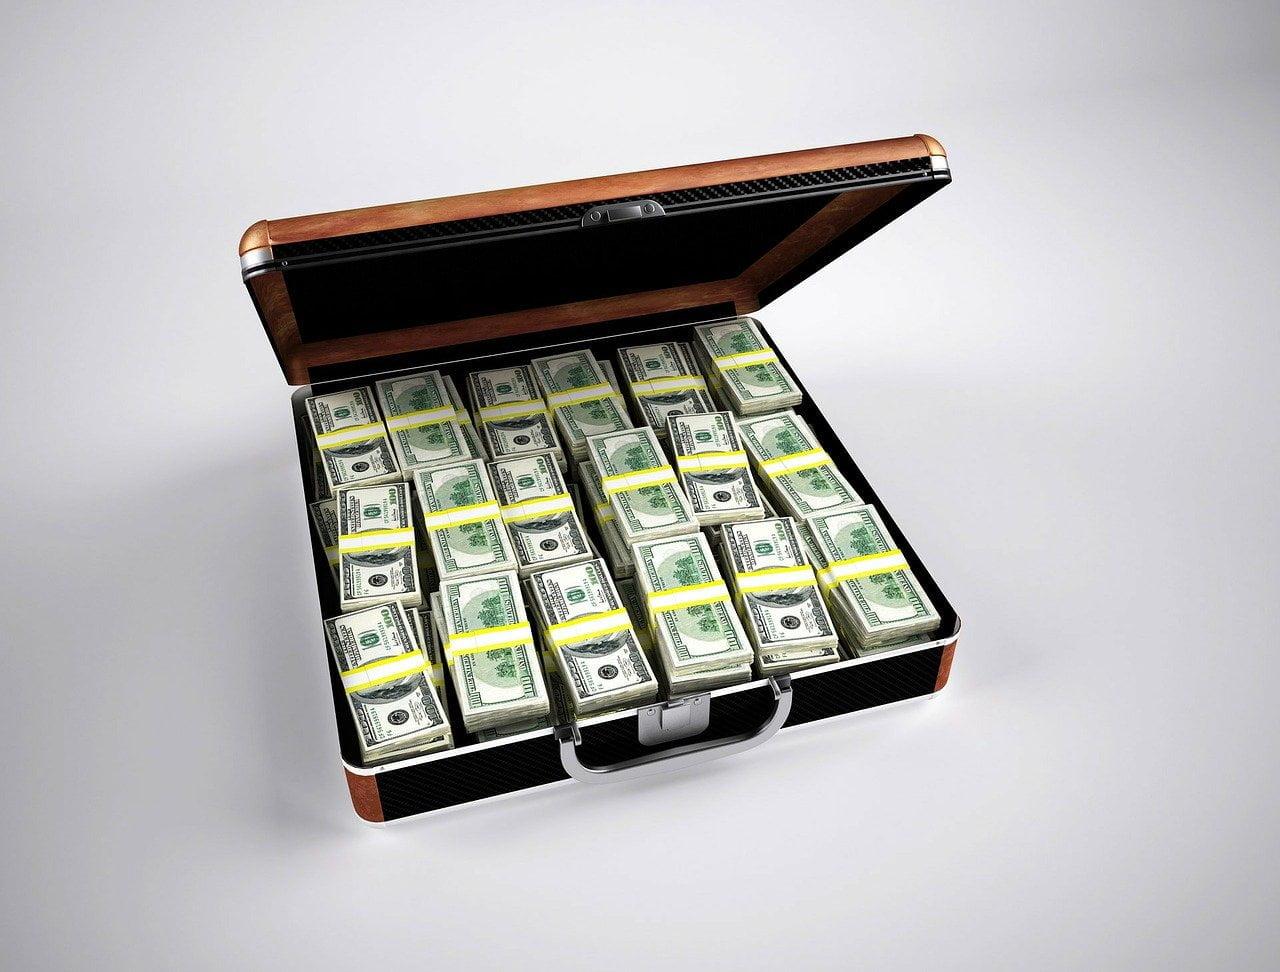 ¿Necesito un abogado de bienes raíces para comprar o vender propiedades? Depende